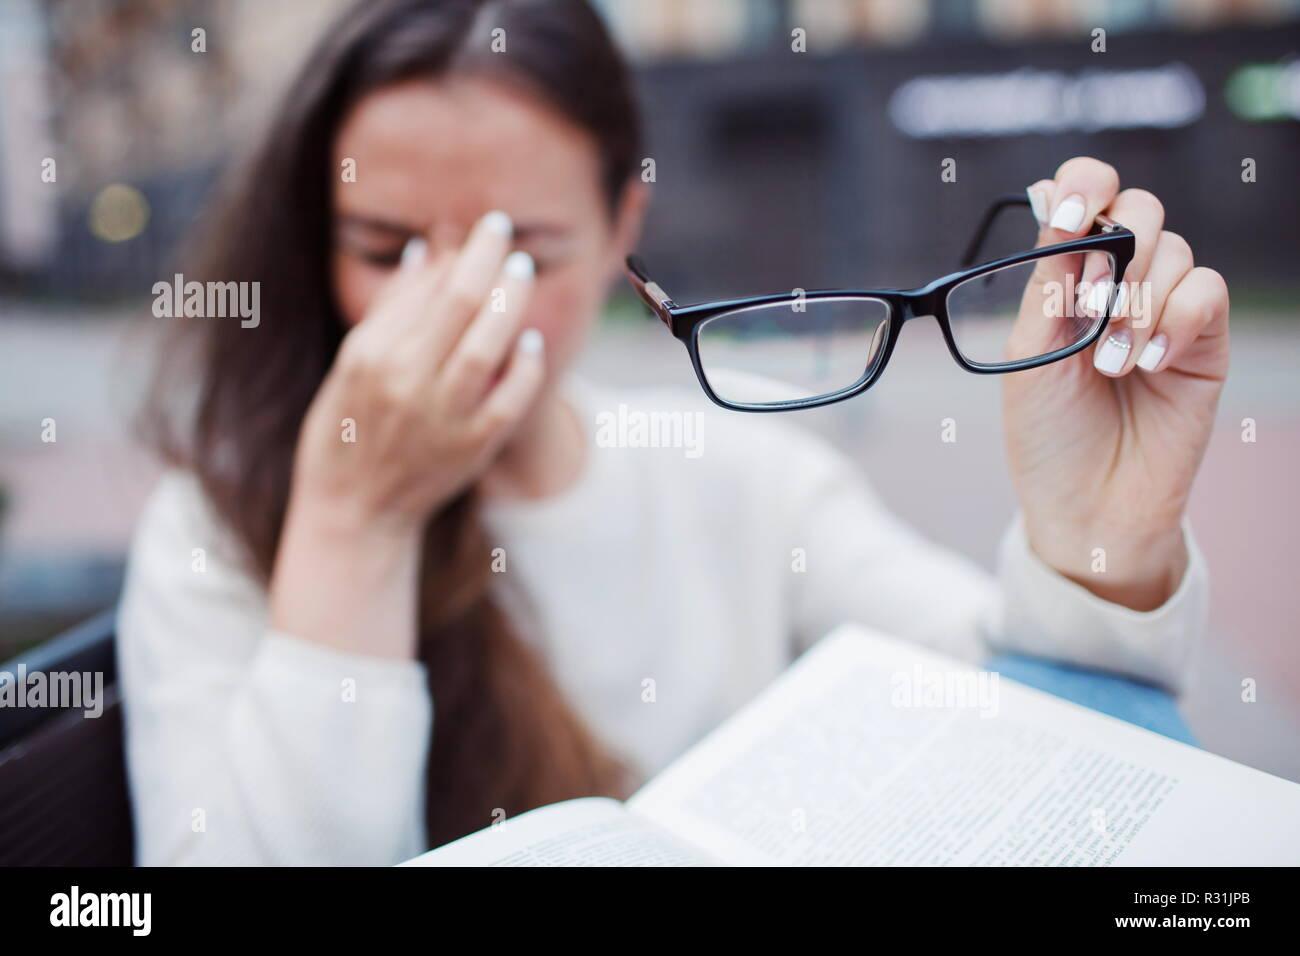 Closeup portrait of attractive femelle avec lunettes dans la main. Pauvre jeune  fille a des 5a4c5dec8acb